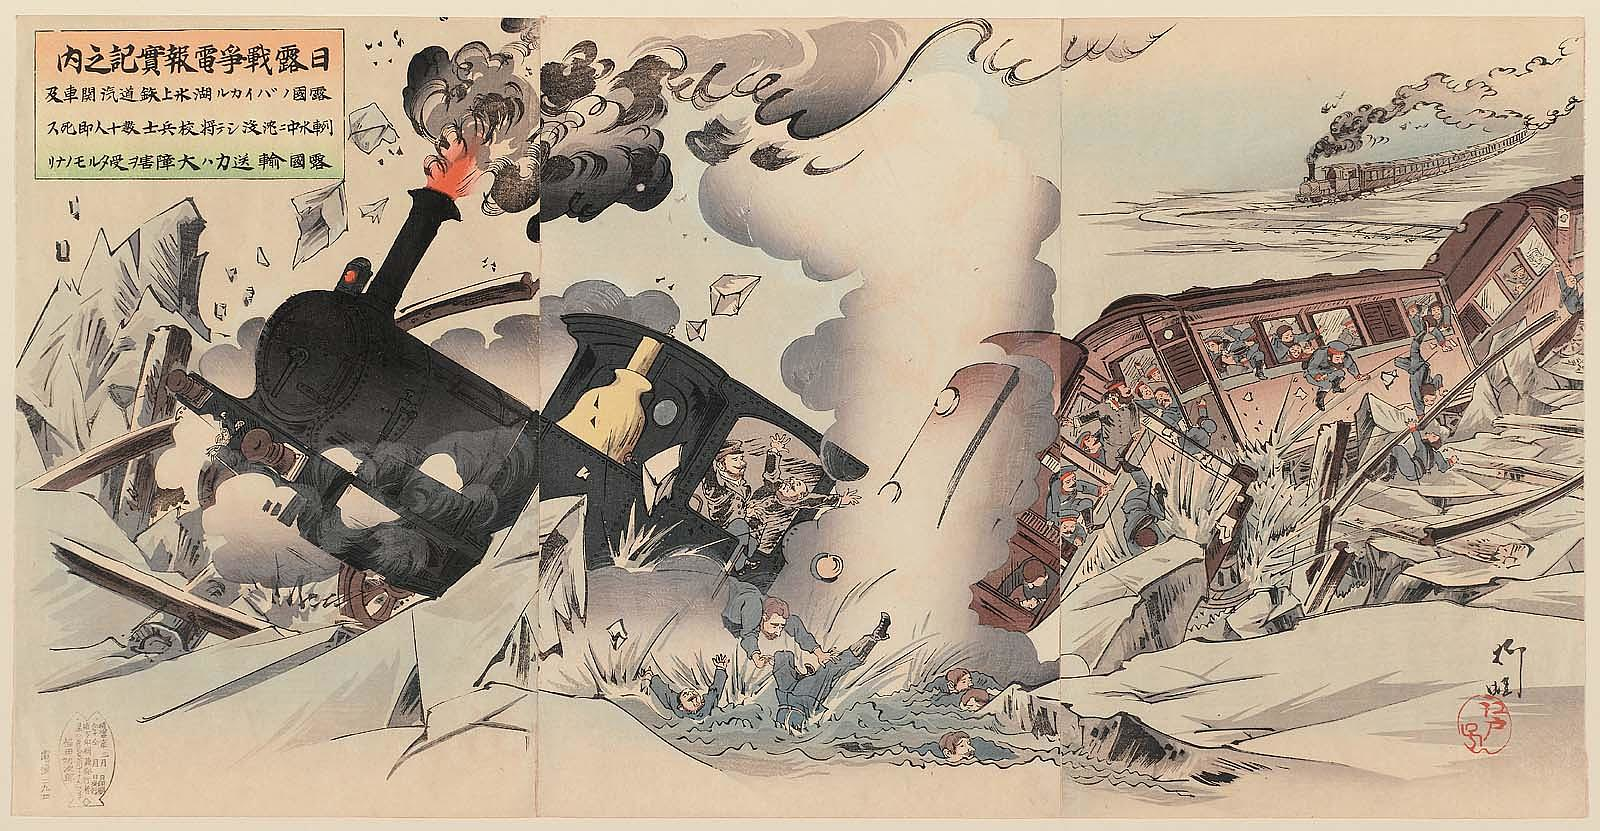 1904. На льду Байкала затонули паровоз и вагоны, погибли десятки офицеров и солдат. Транспортный потенциал России был сильно поврежден